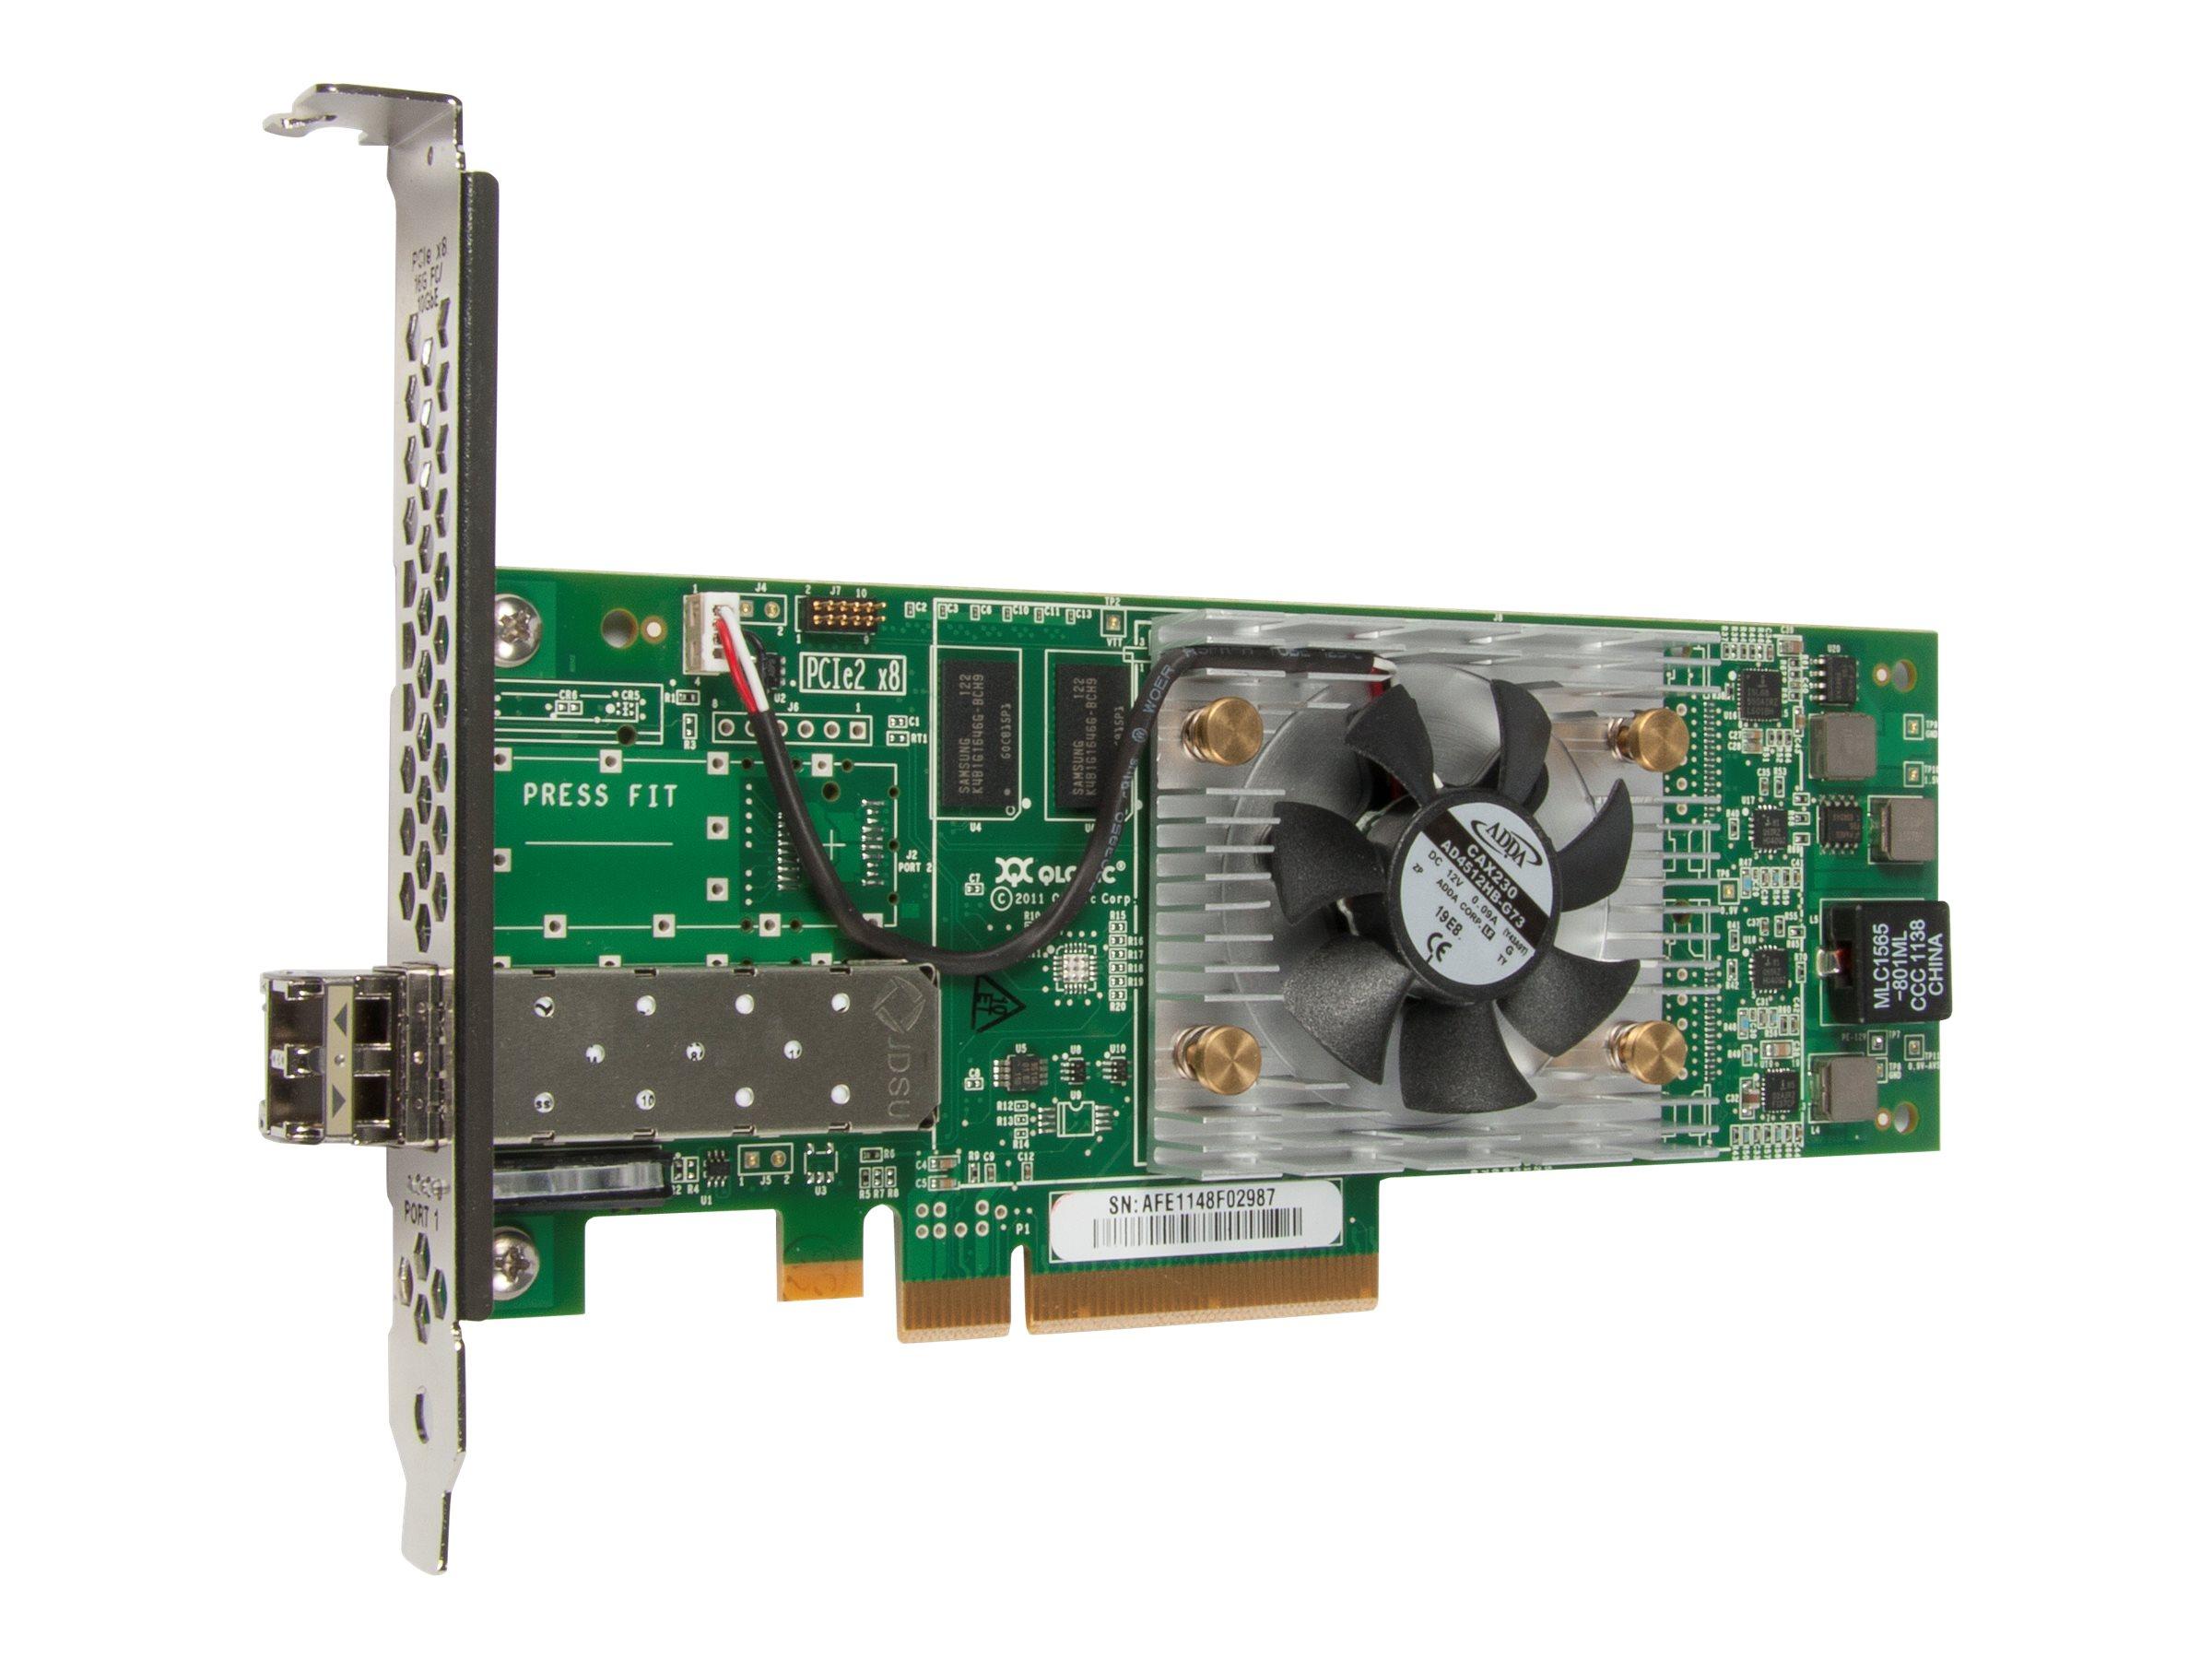 QLogic QLE2670-CK - Hostbus-Adapter - PCIe 2.0 x8 Low-Profile - 16Gb Fibre Channel